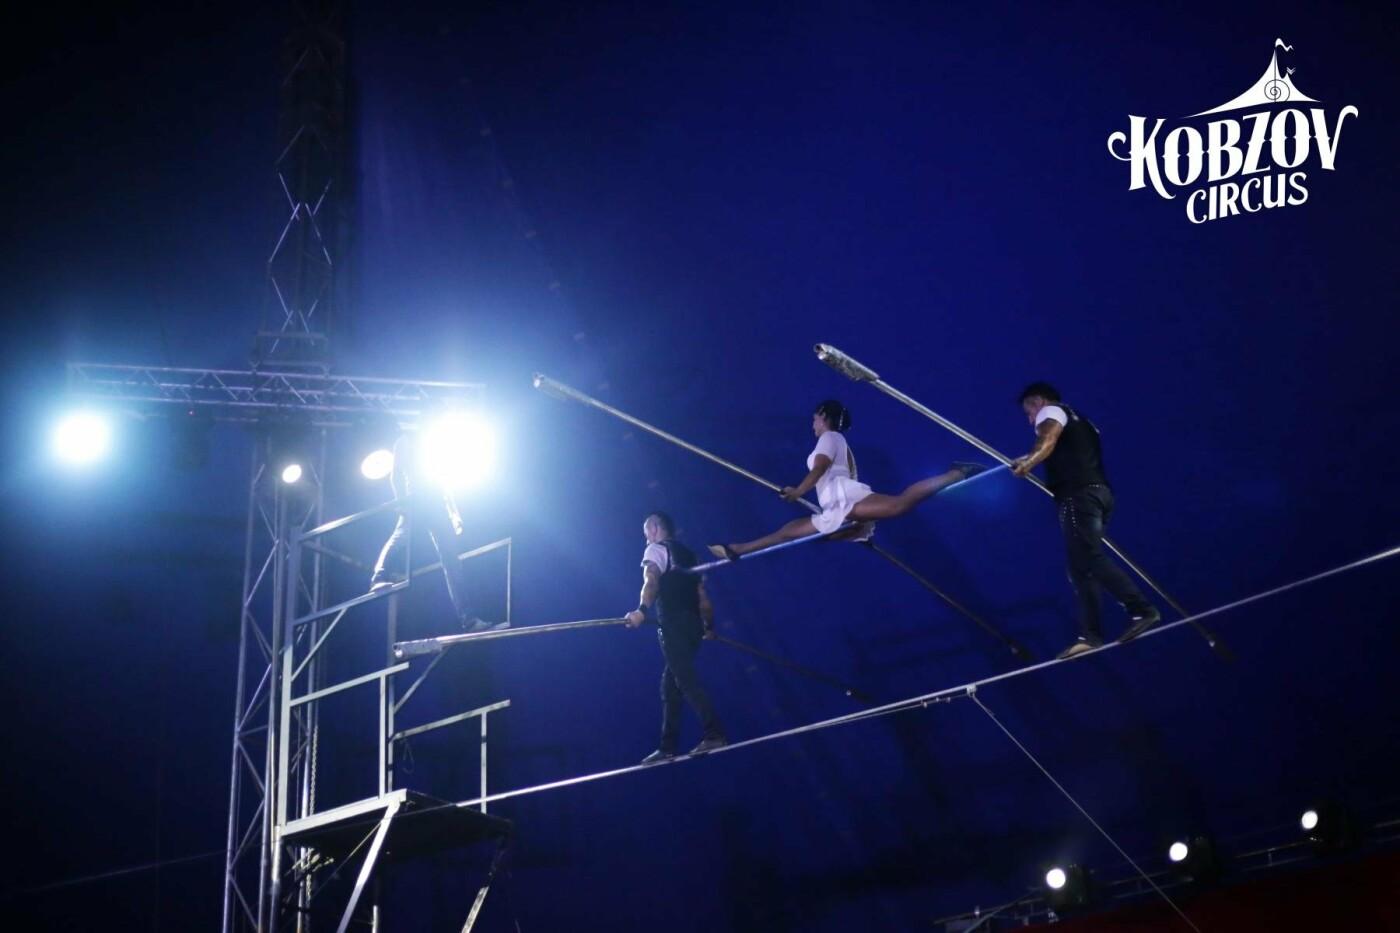 Найбільший цирк України – цирк «Кобзов», готовий дивувати, надихати і приносити радість!, фото-4